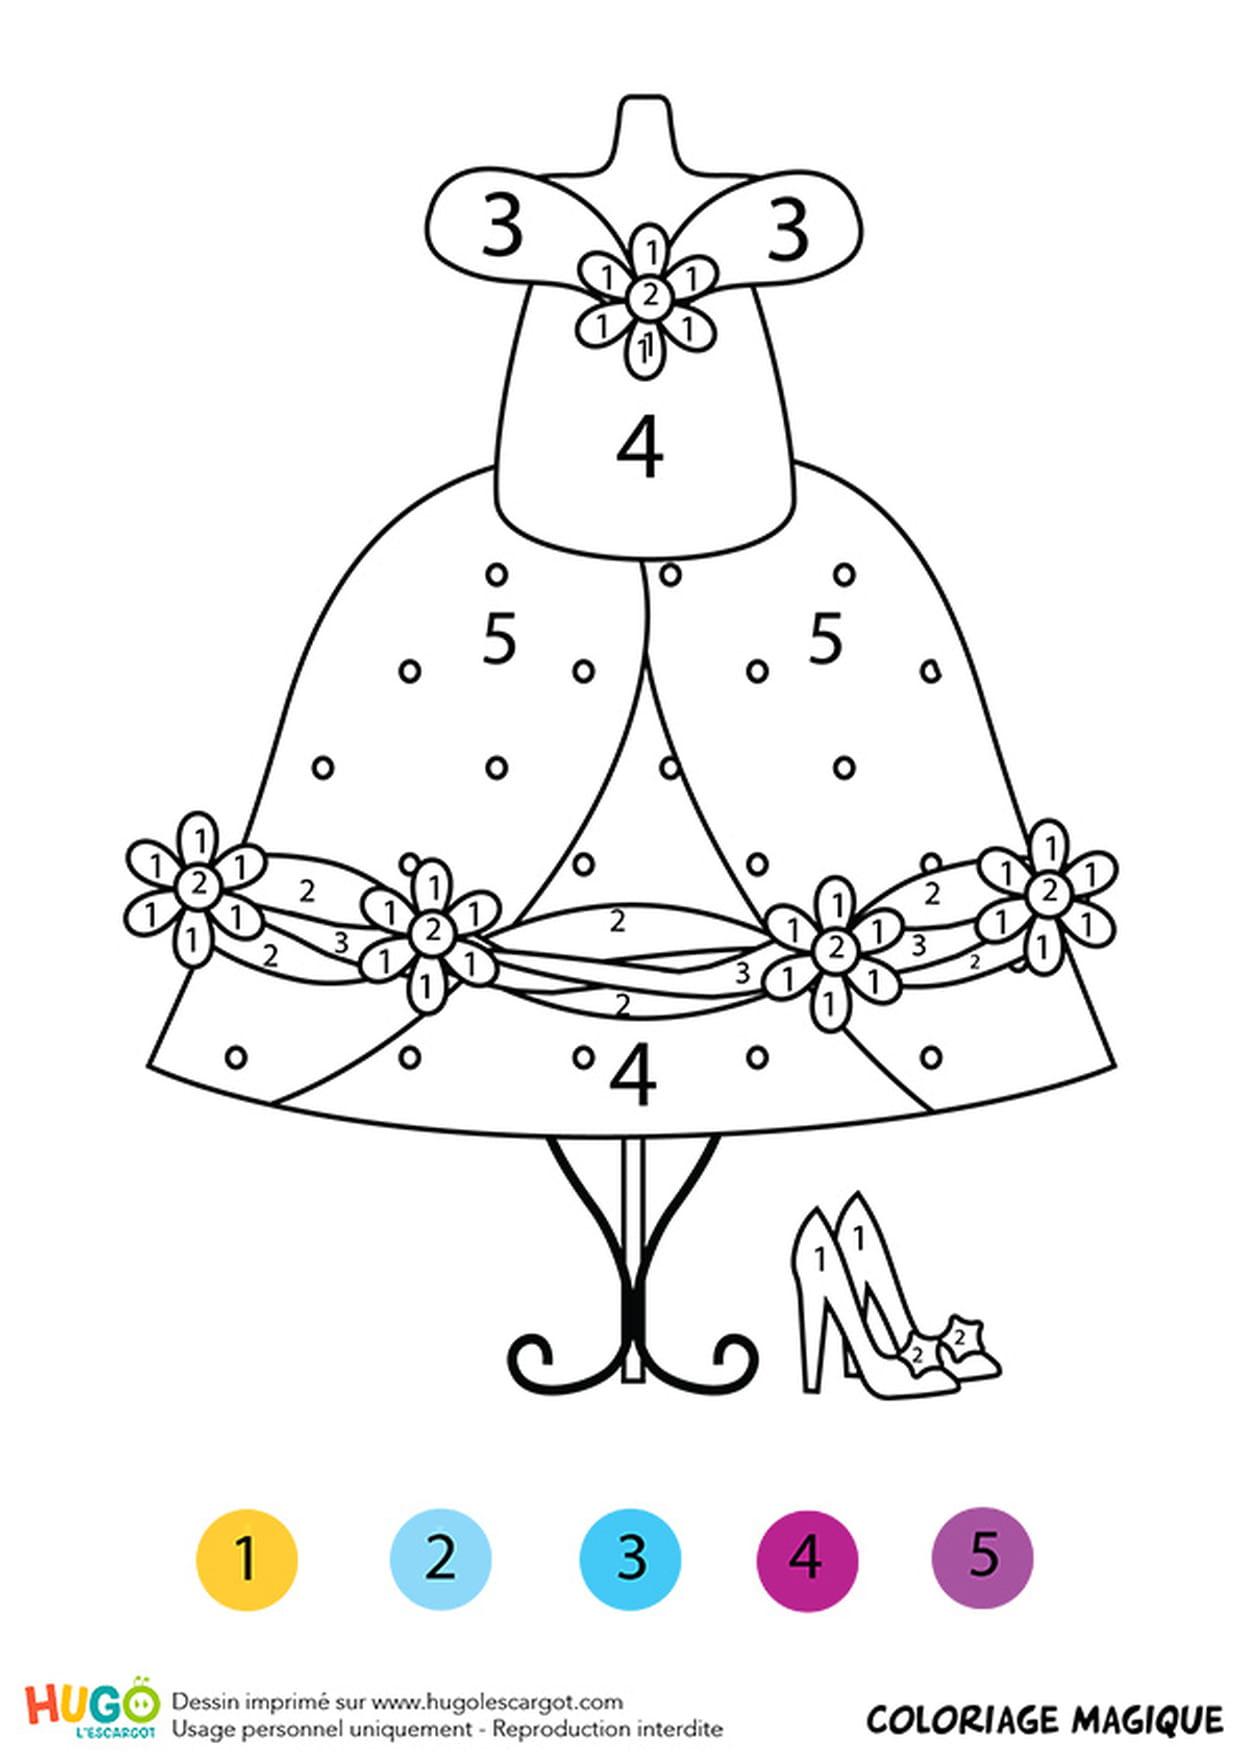 Coloriage Magique Cp : La Robe De Cendrillon dedans Cendrillon À Colorier